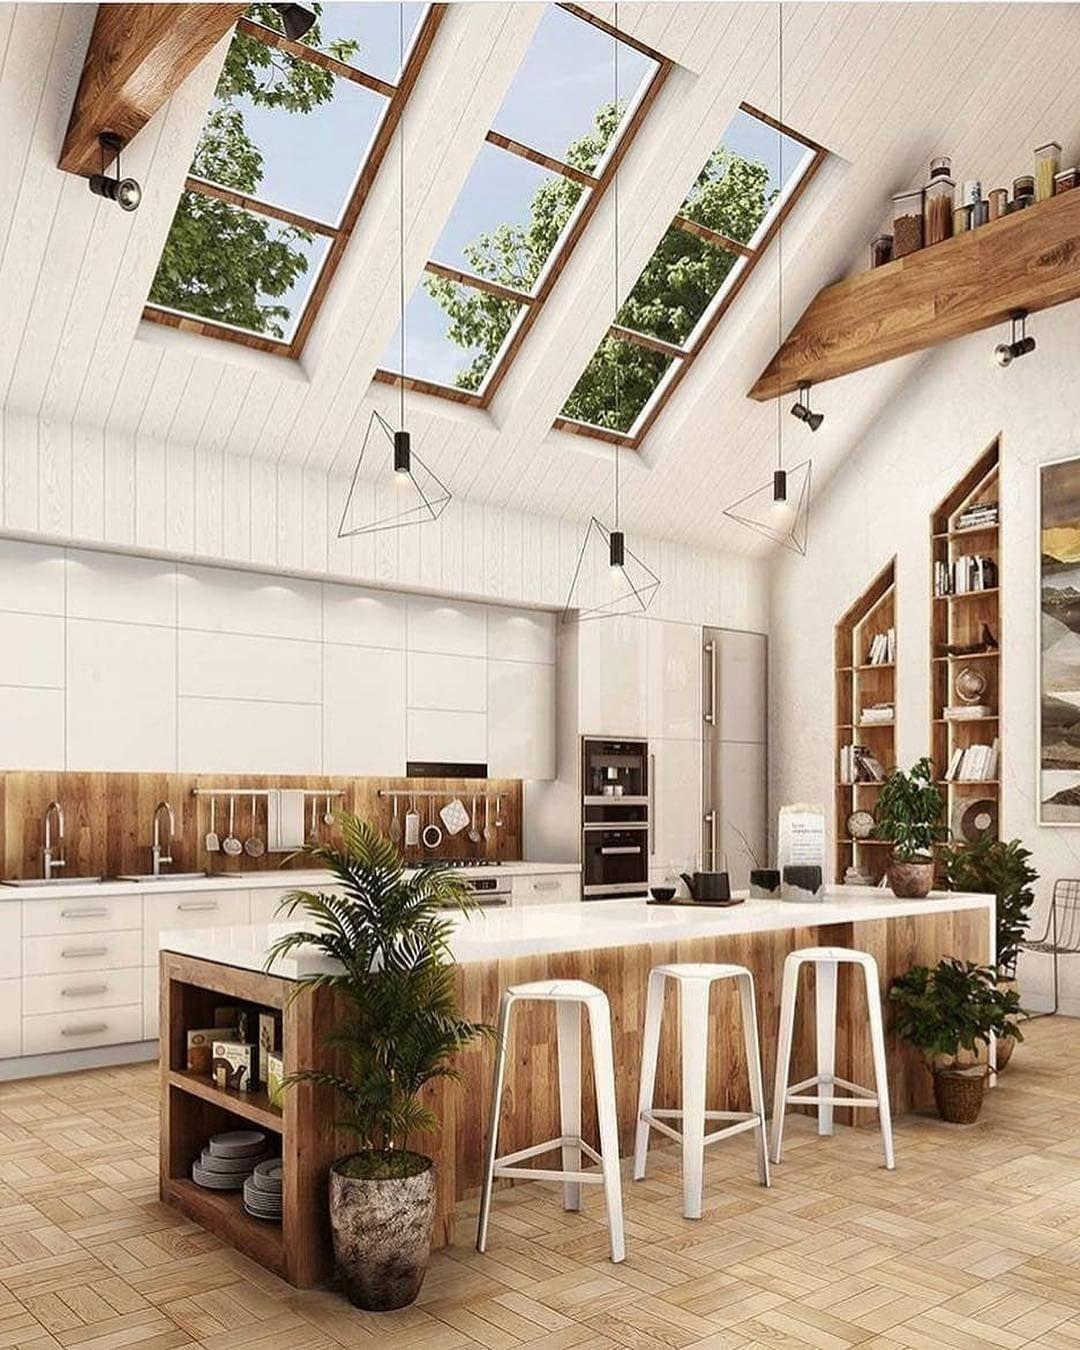 Cozinha incrível por Marko Lukic Escreva seu comentário e siga-nos em @puntogar ⠀ ...